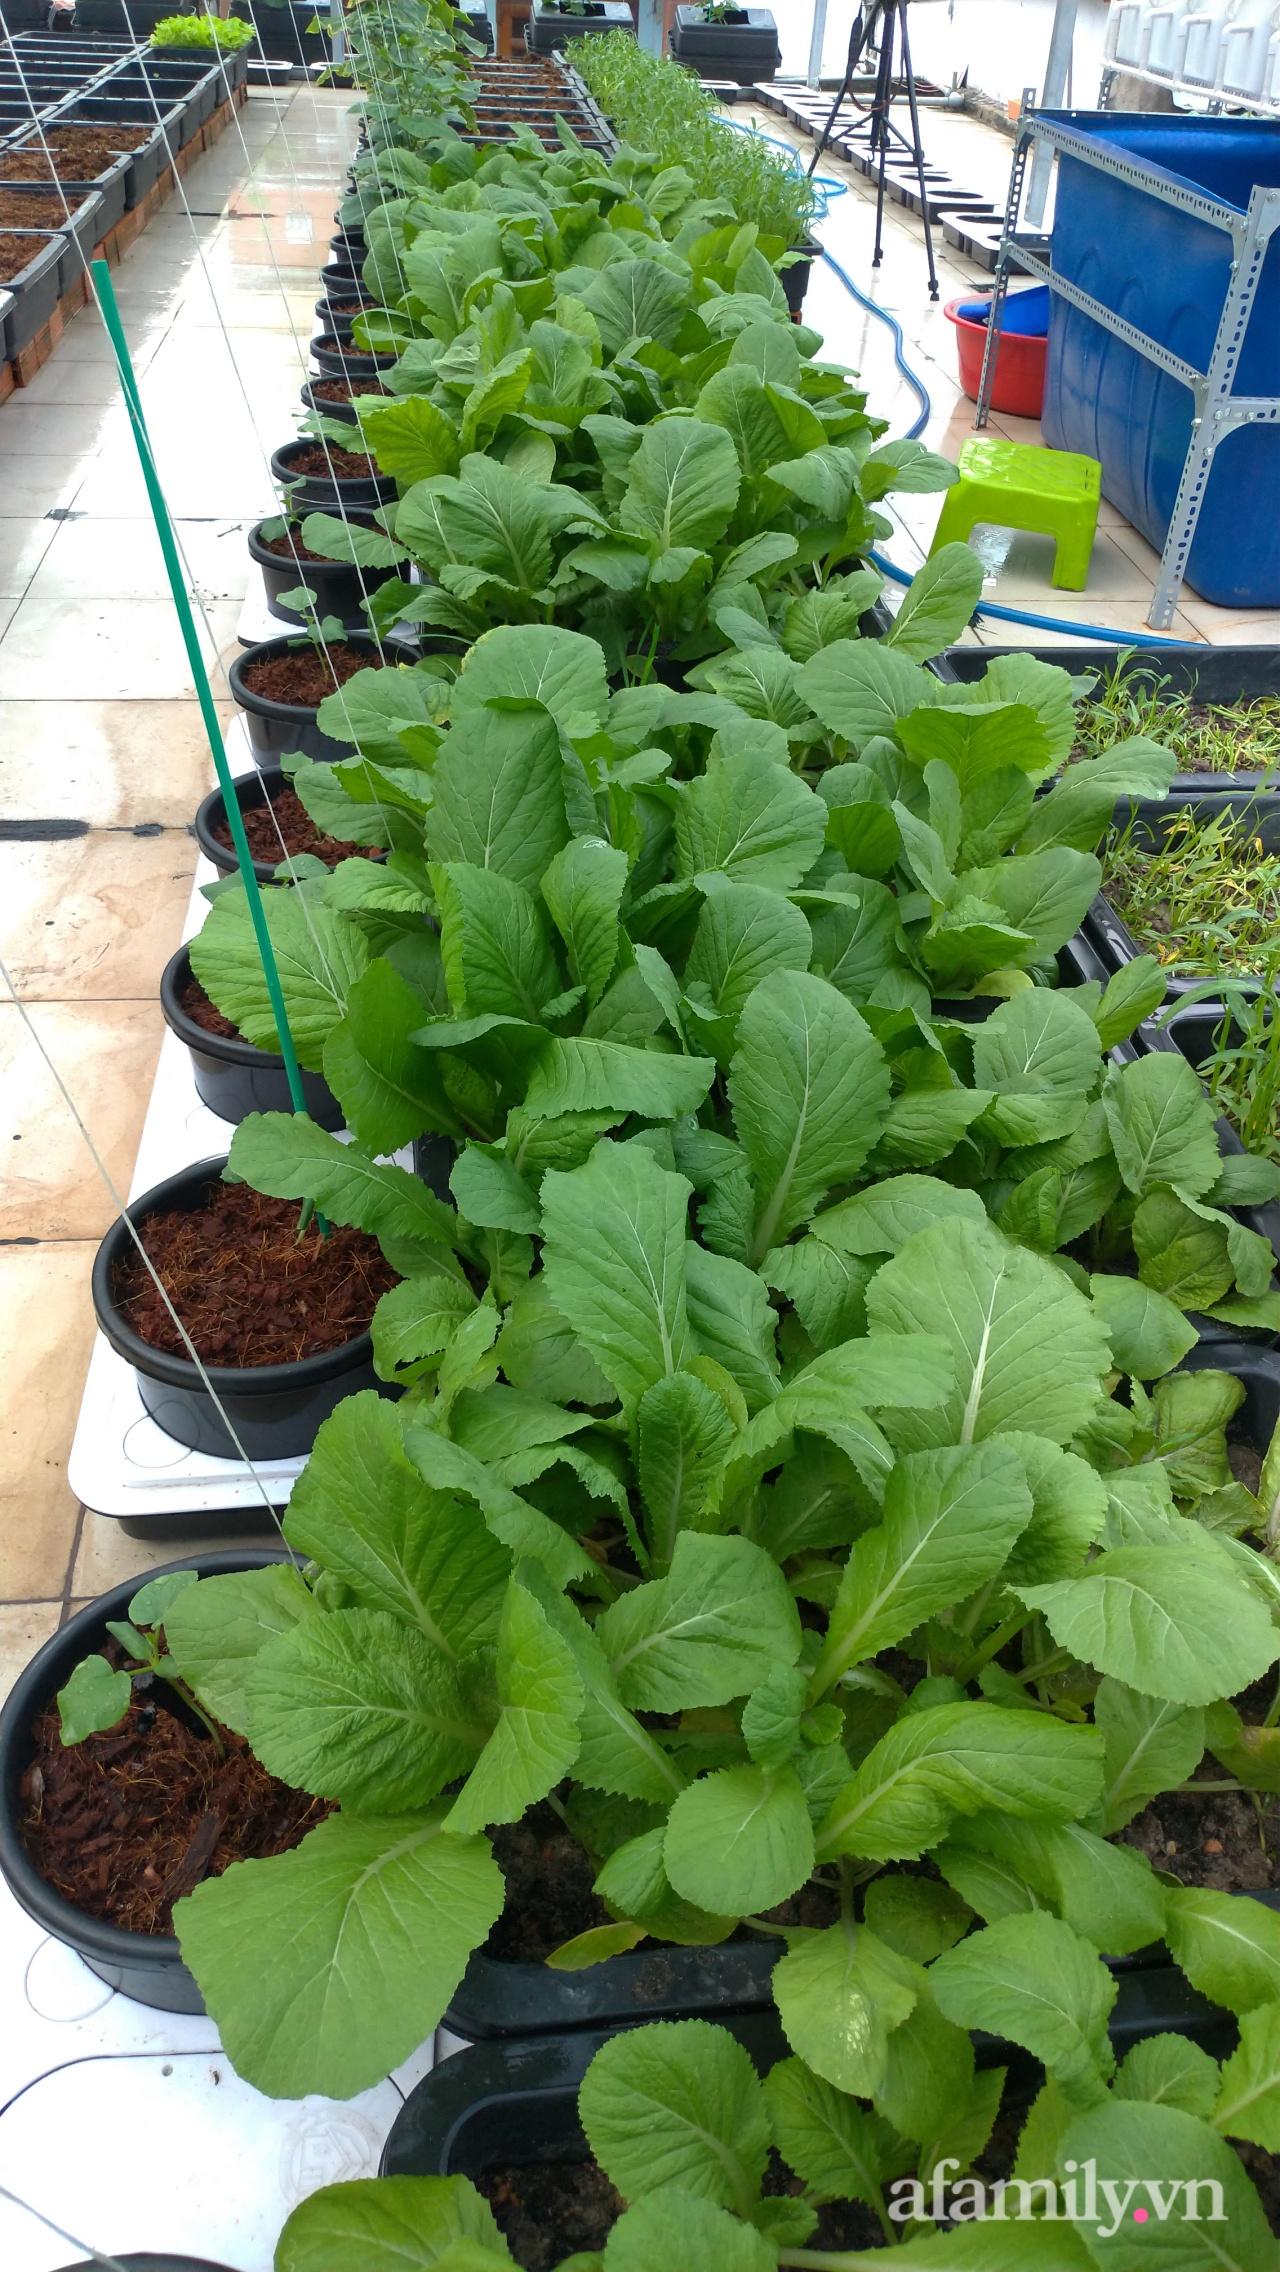 Sân thượng 100m² trồng rau nuôi cá với tổng chi phí đầu tư 80 triệu đồng ở quận 12 Sài Gòn - Ảnh 13.